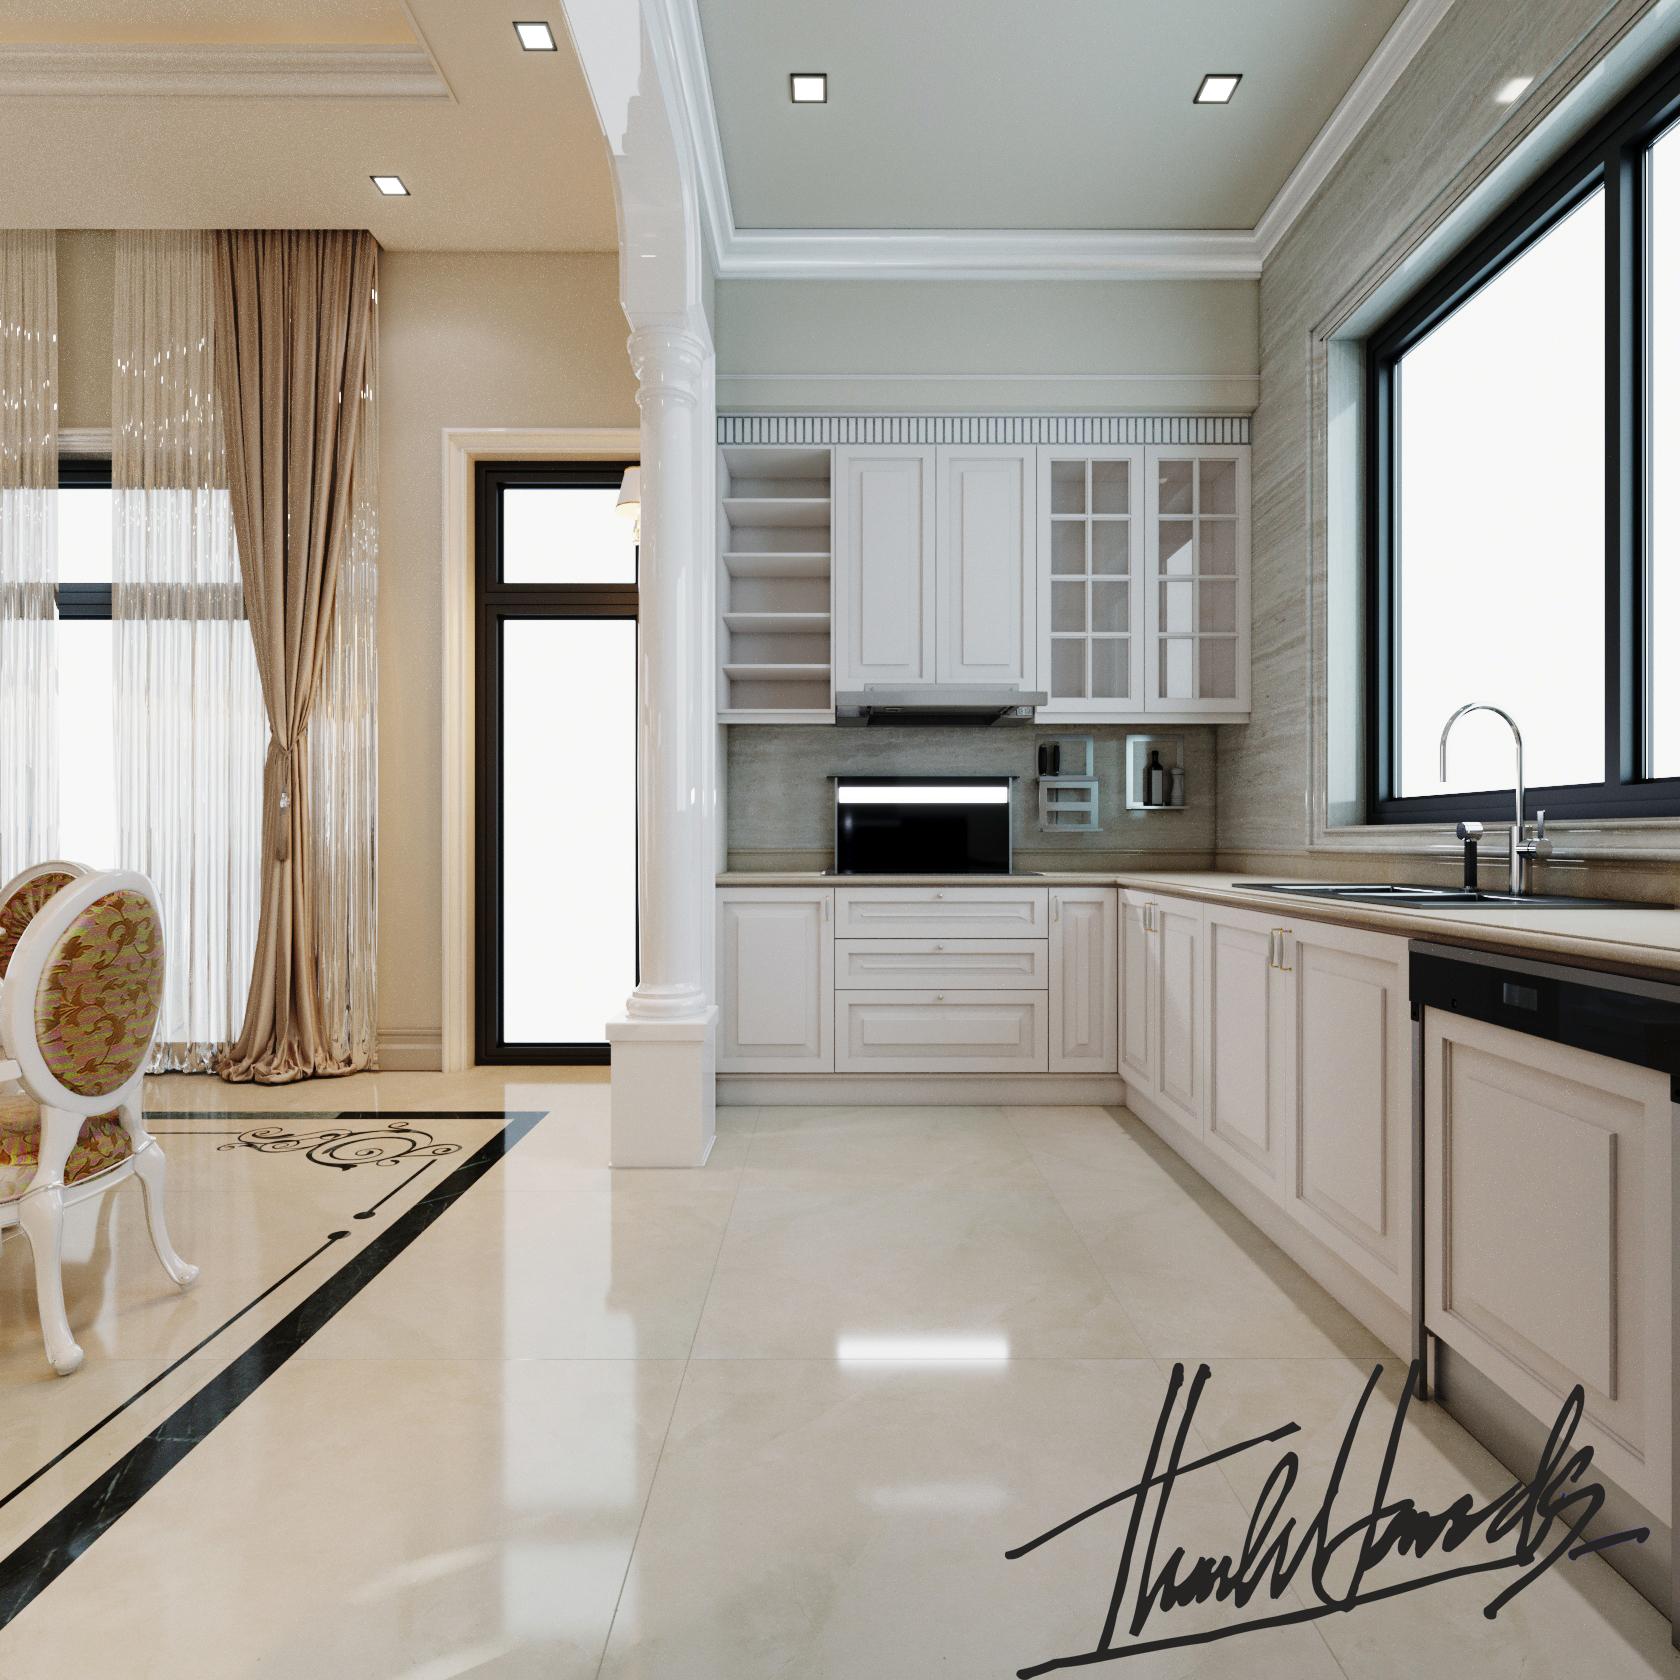 thiết kế nội thất Biệt Thự tại Hải Phòng Biệt thự Vinhomes - imperia ( khu MHT) 28 1568275638